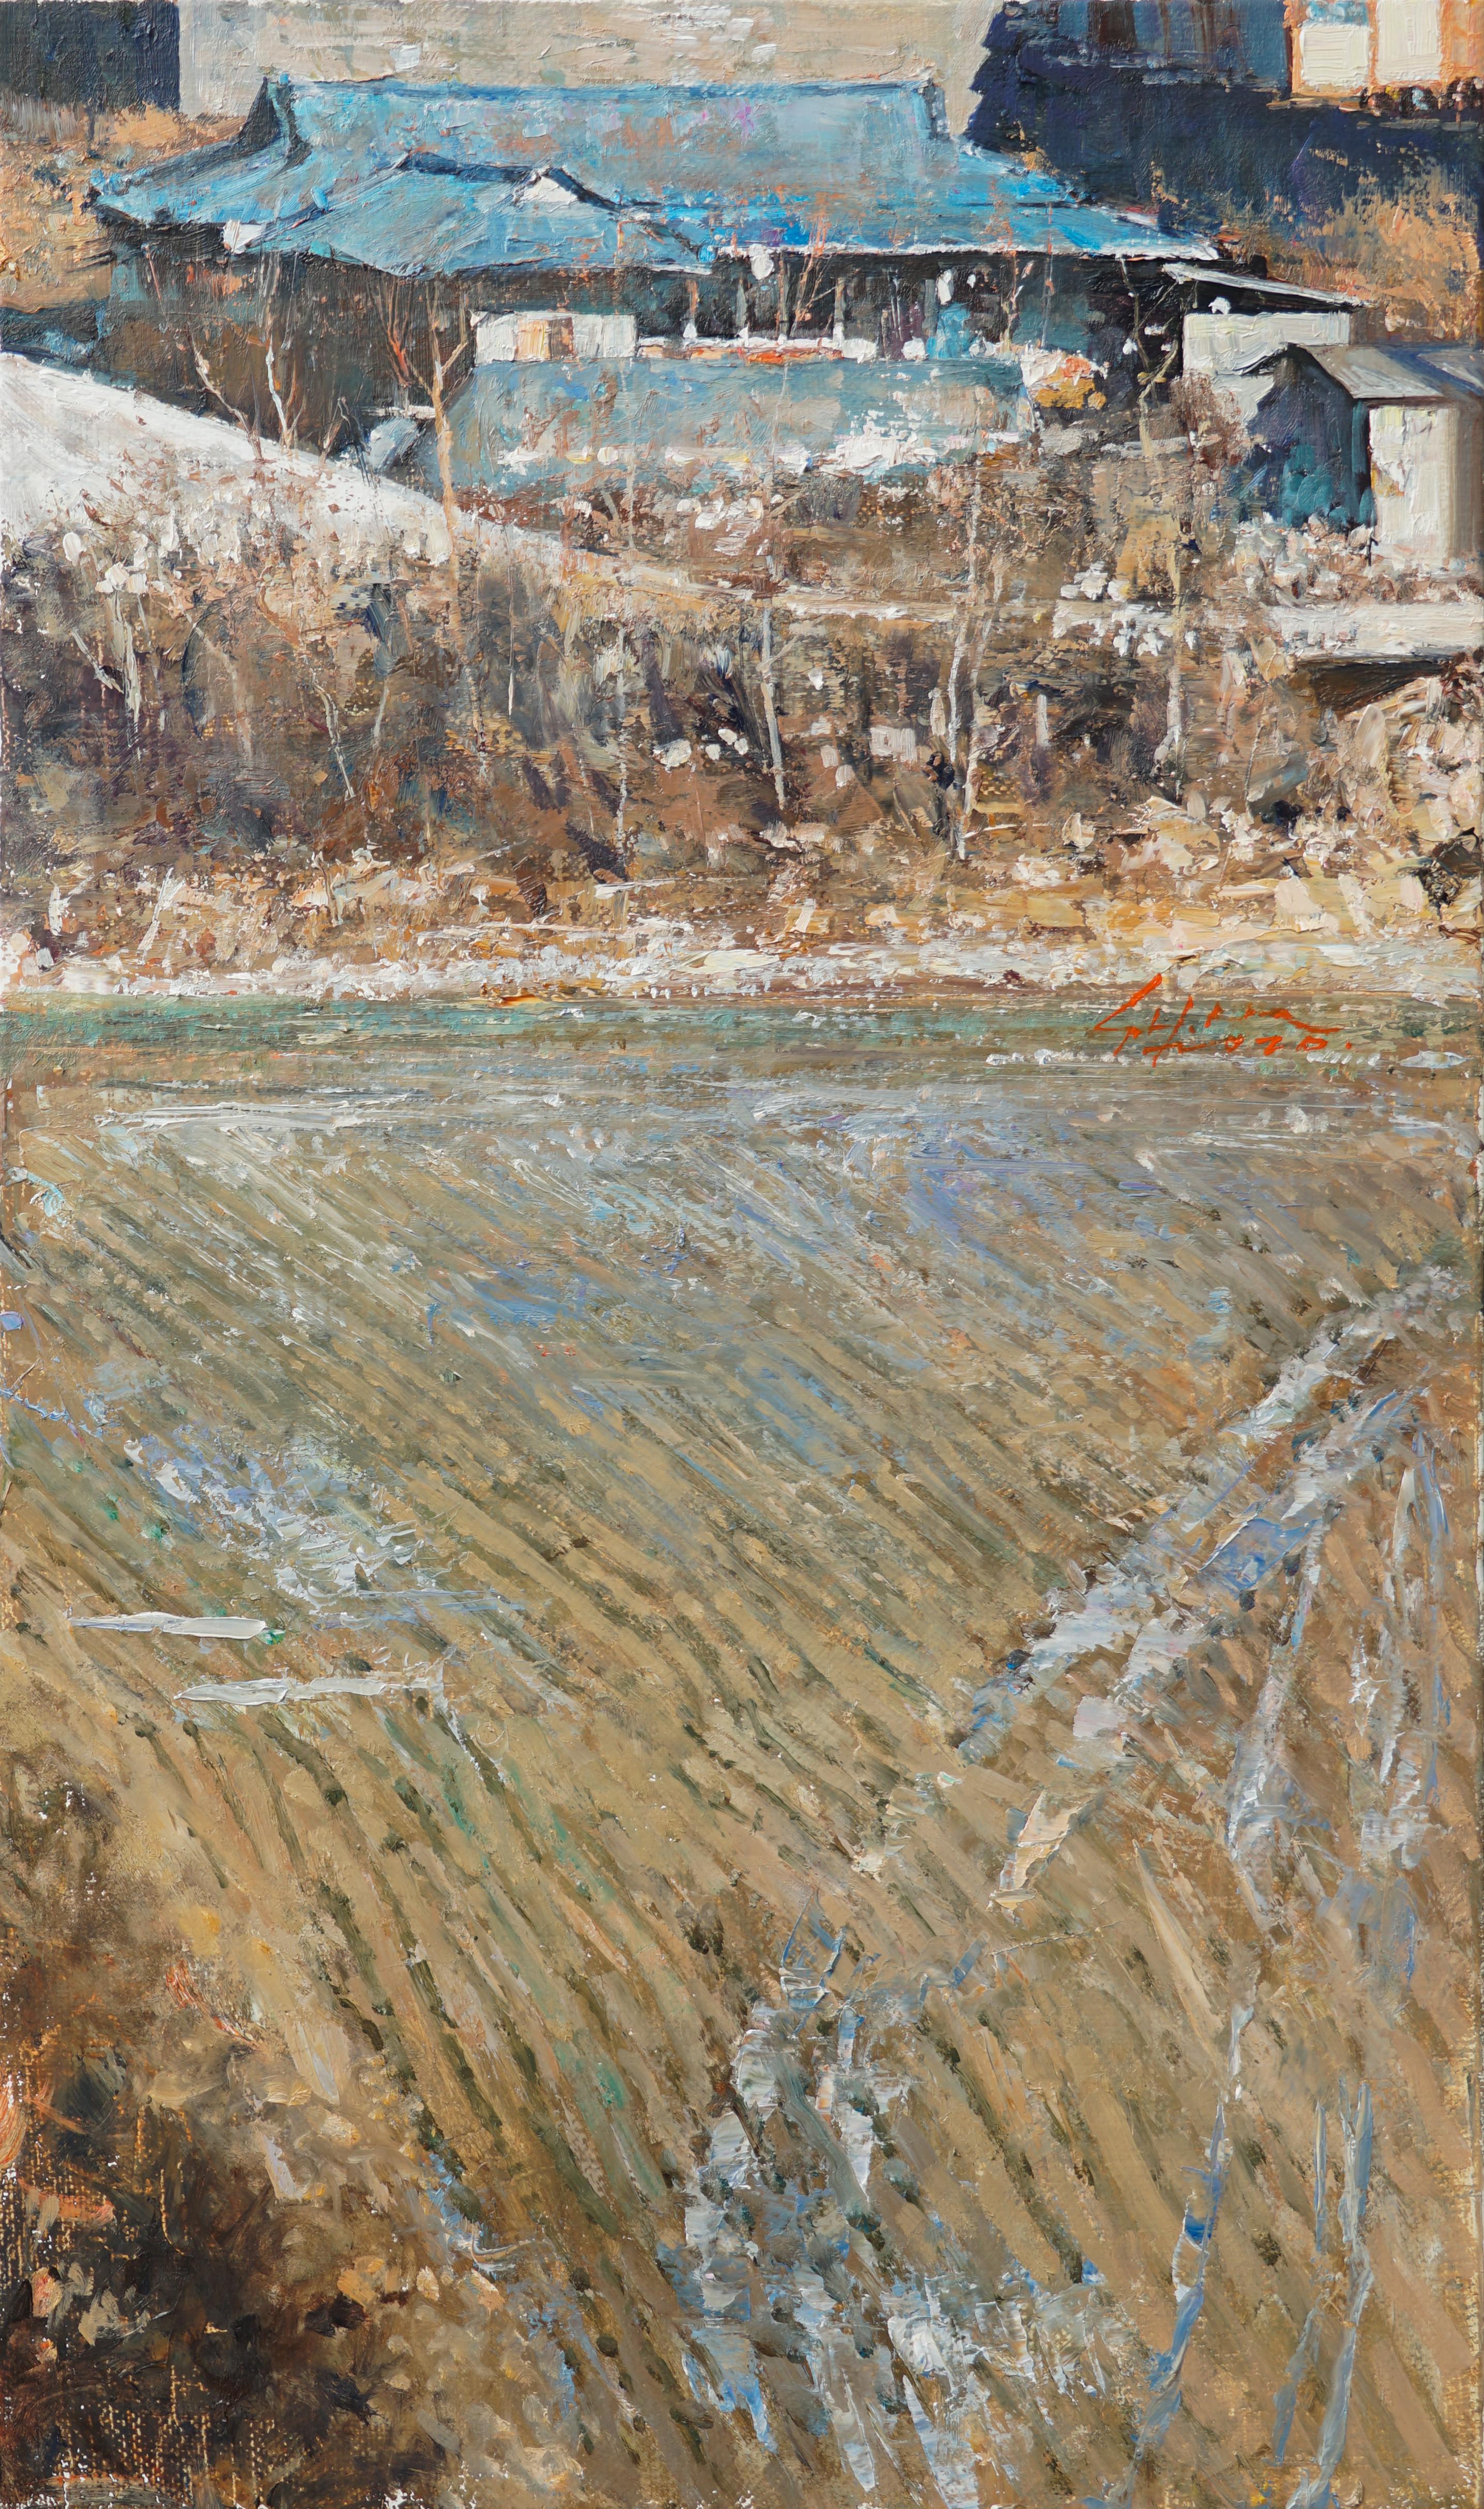 겨울내음 40.9x24.2 Oil on canvas 2020